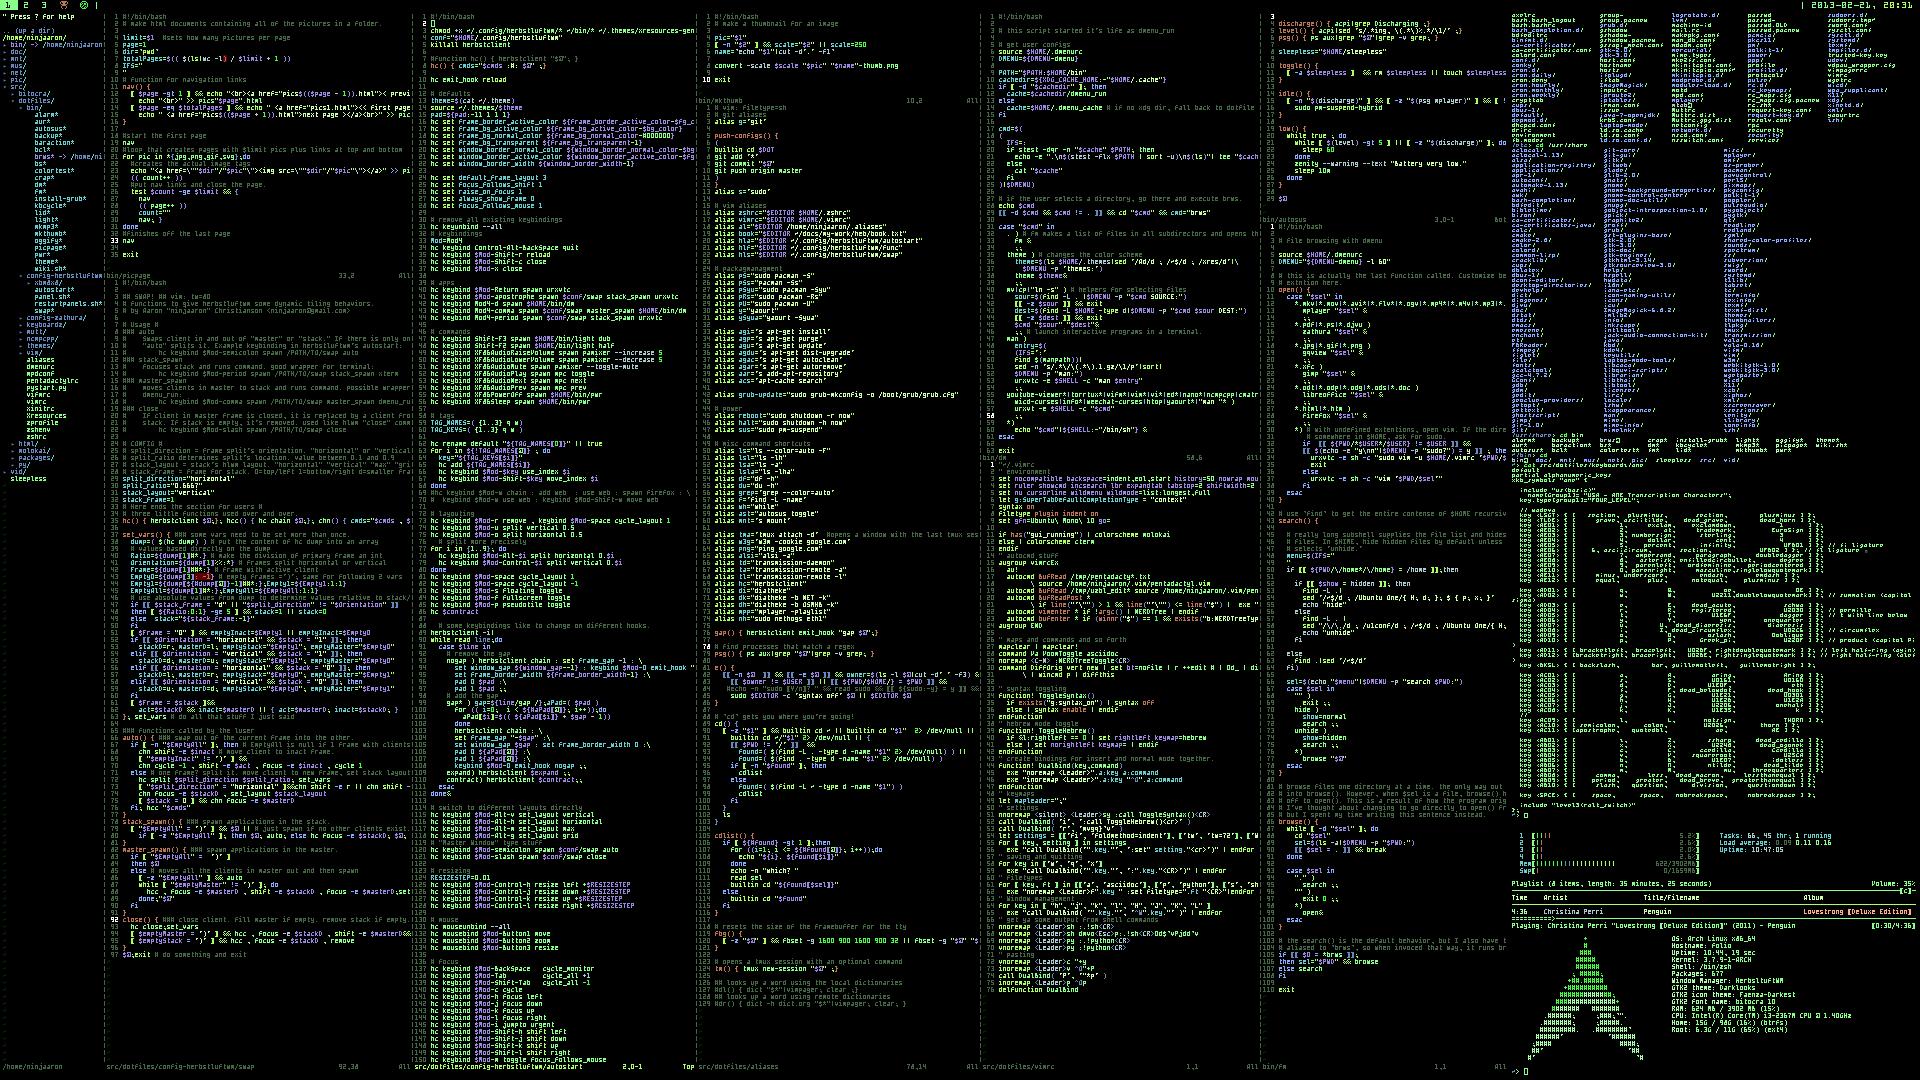 elegant change desktop background mac using terminal